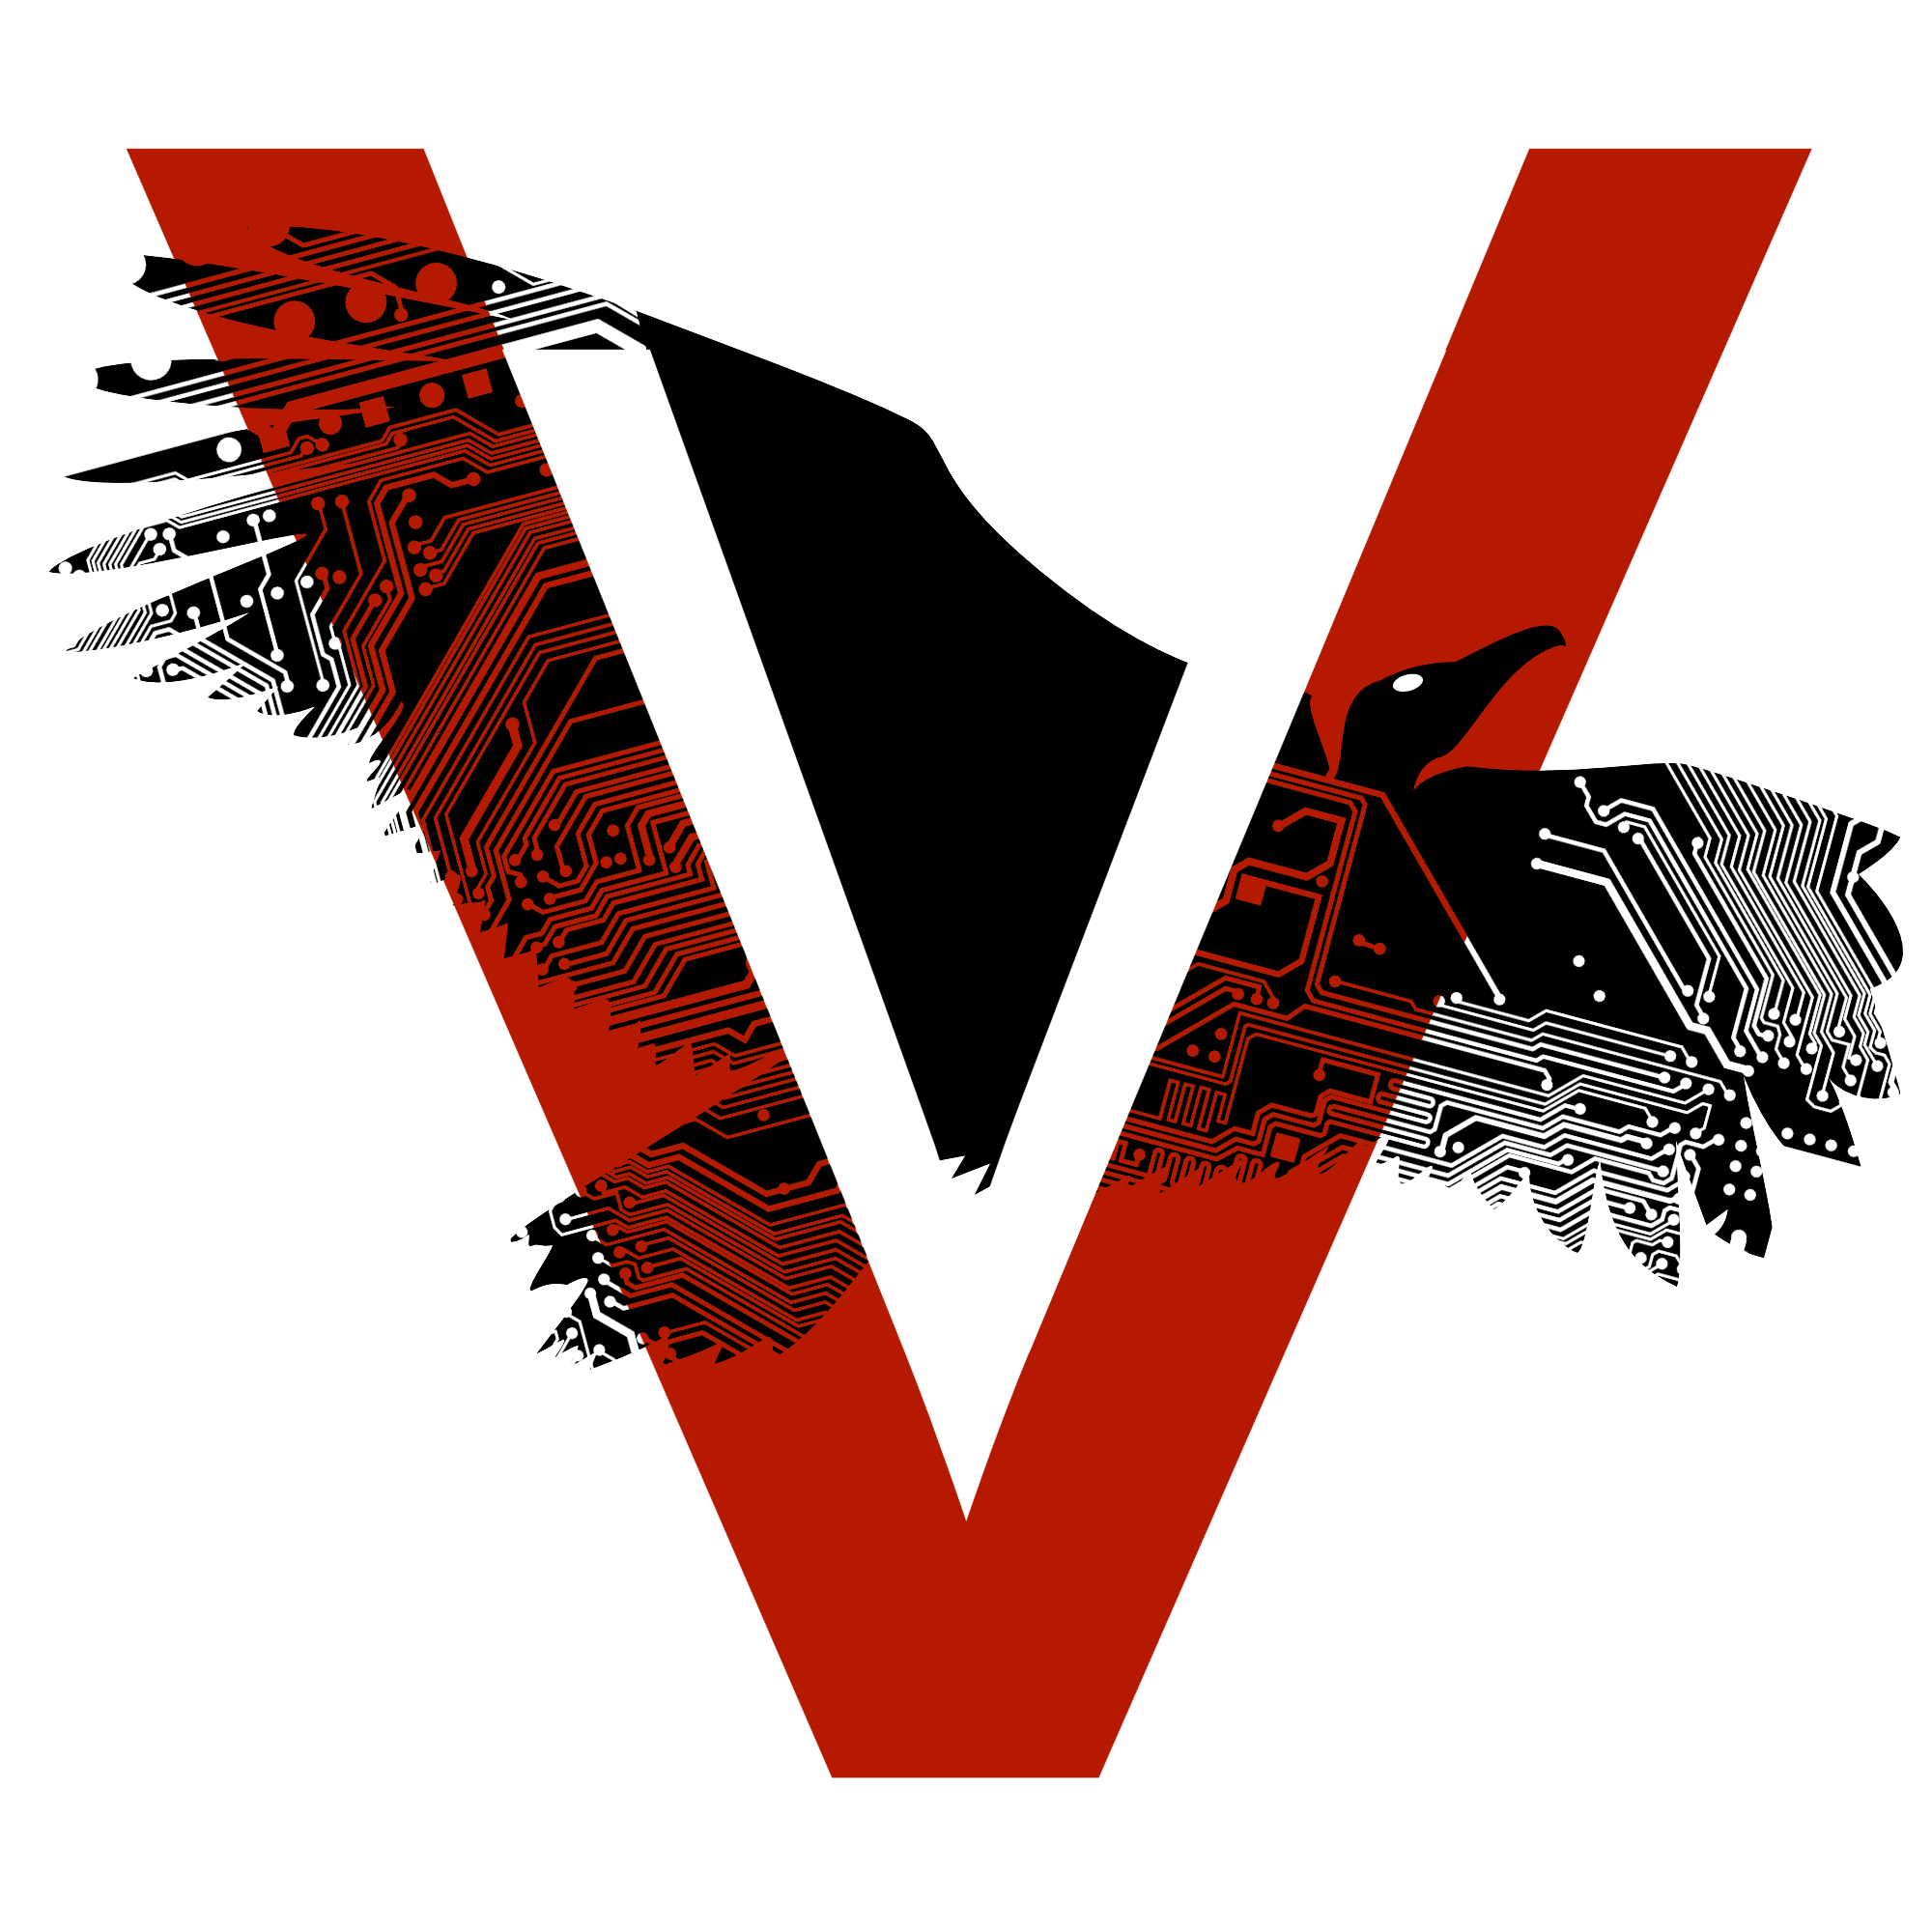 vulture-309601.jpg